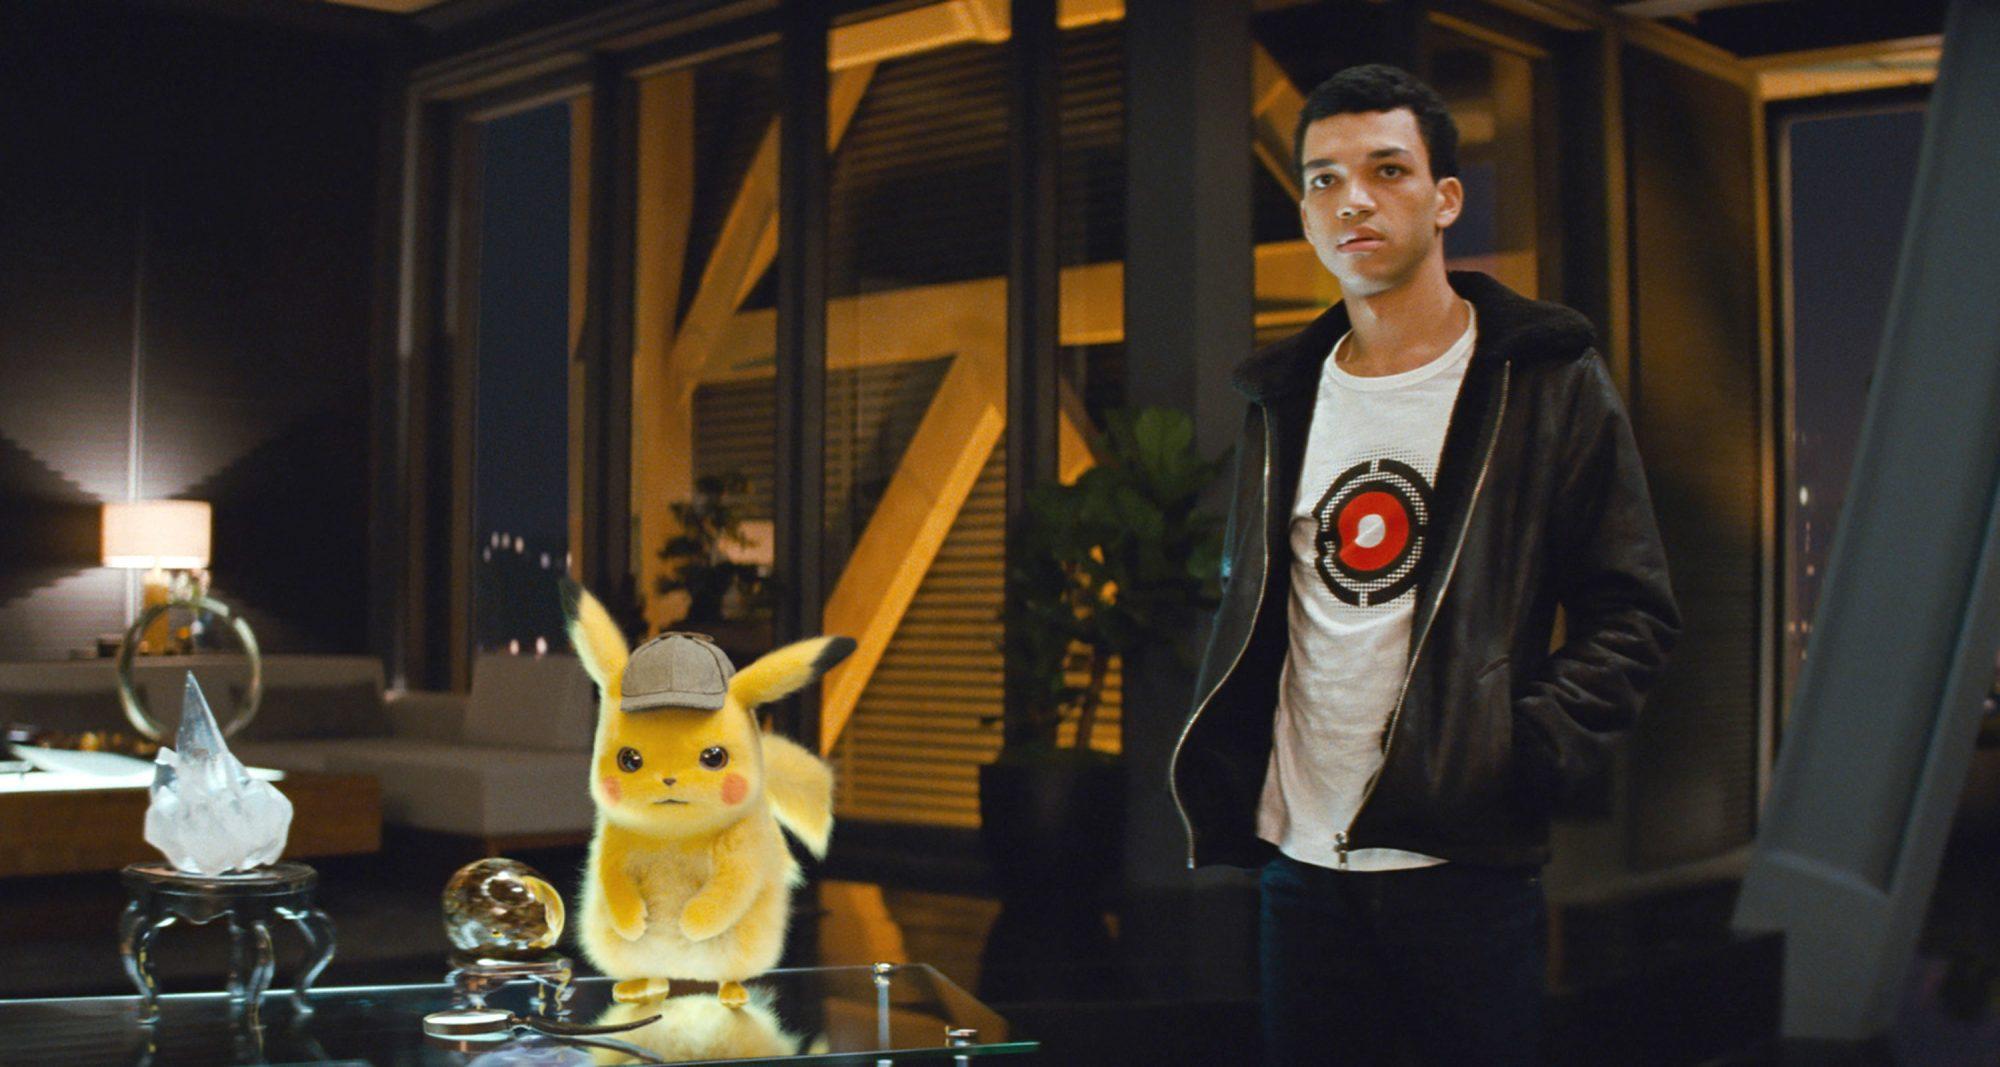 Cena do filme Detetive Pikachu